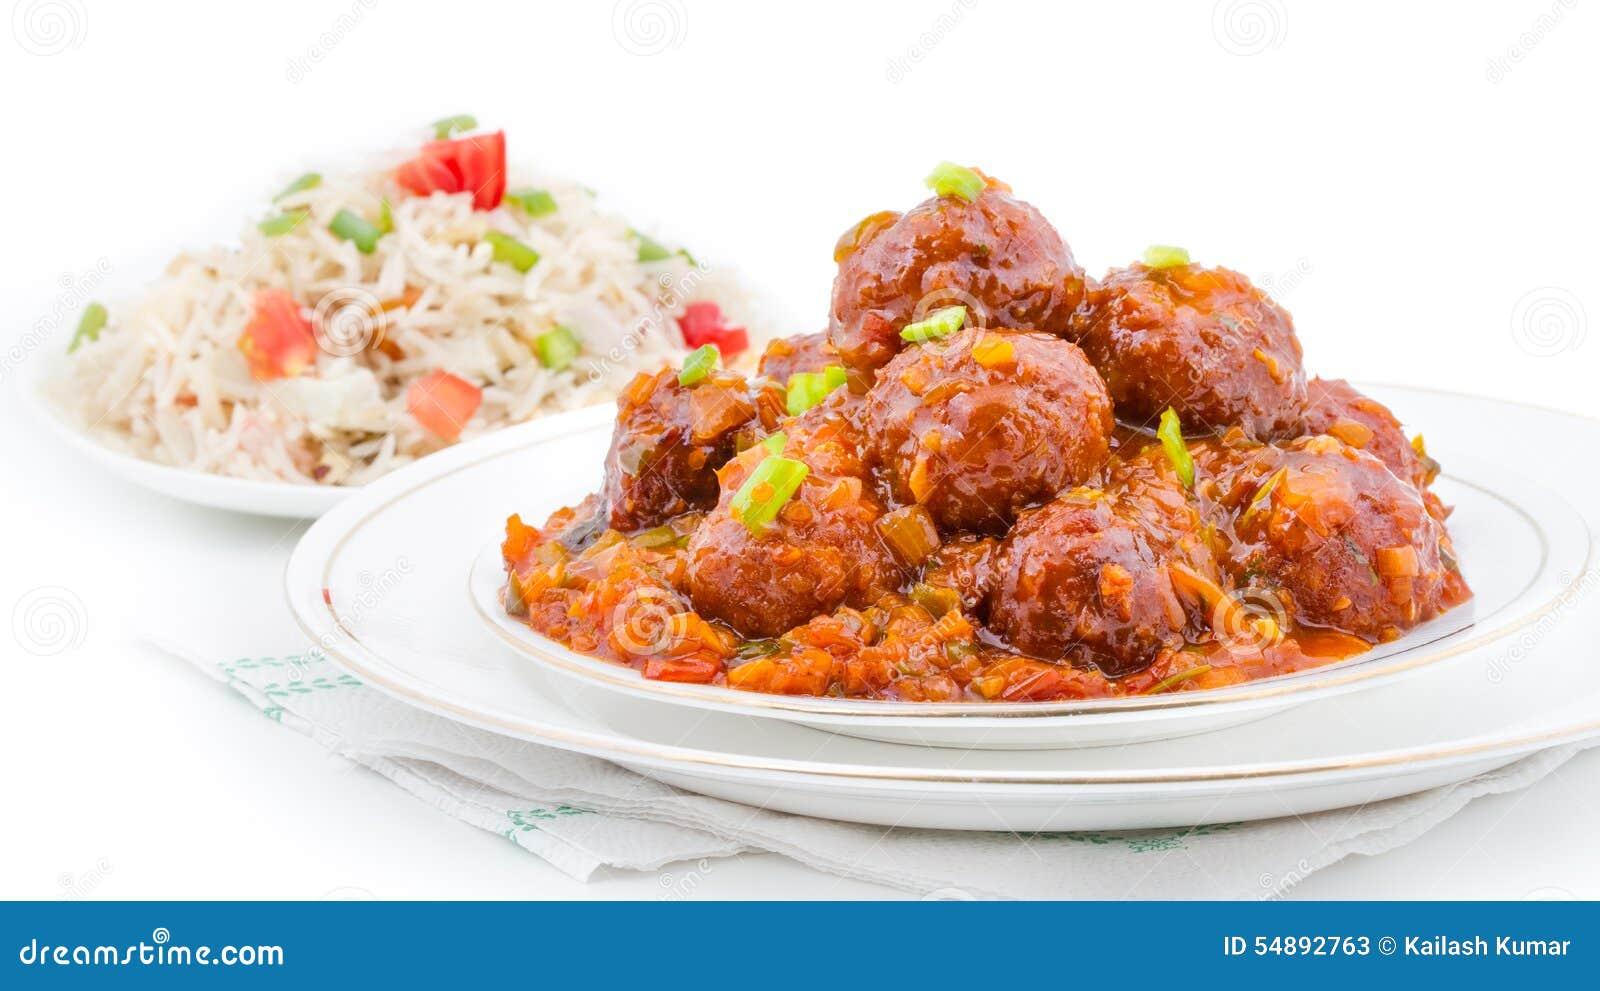 Manchurian Indian Food